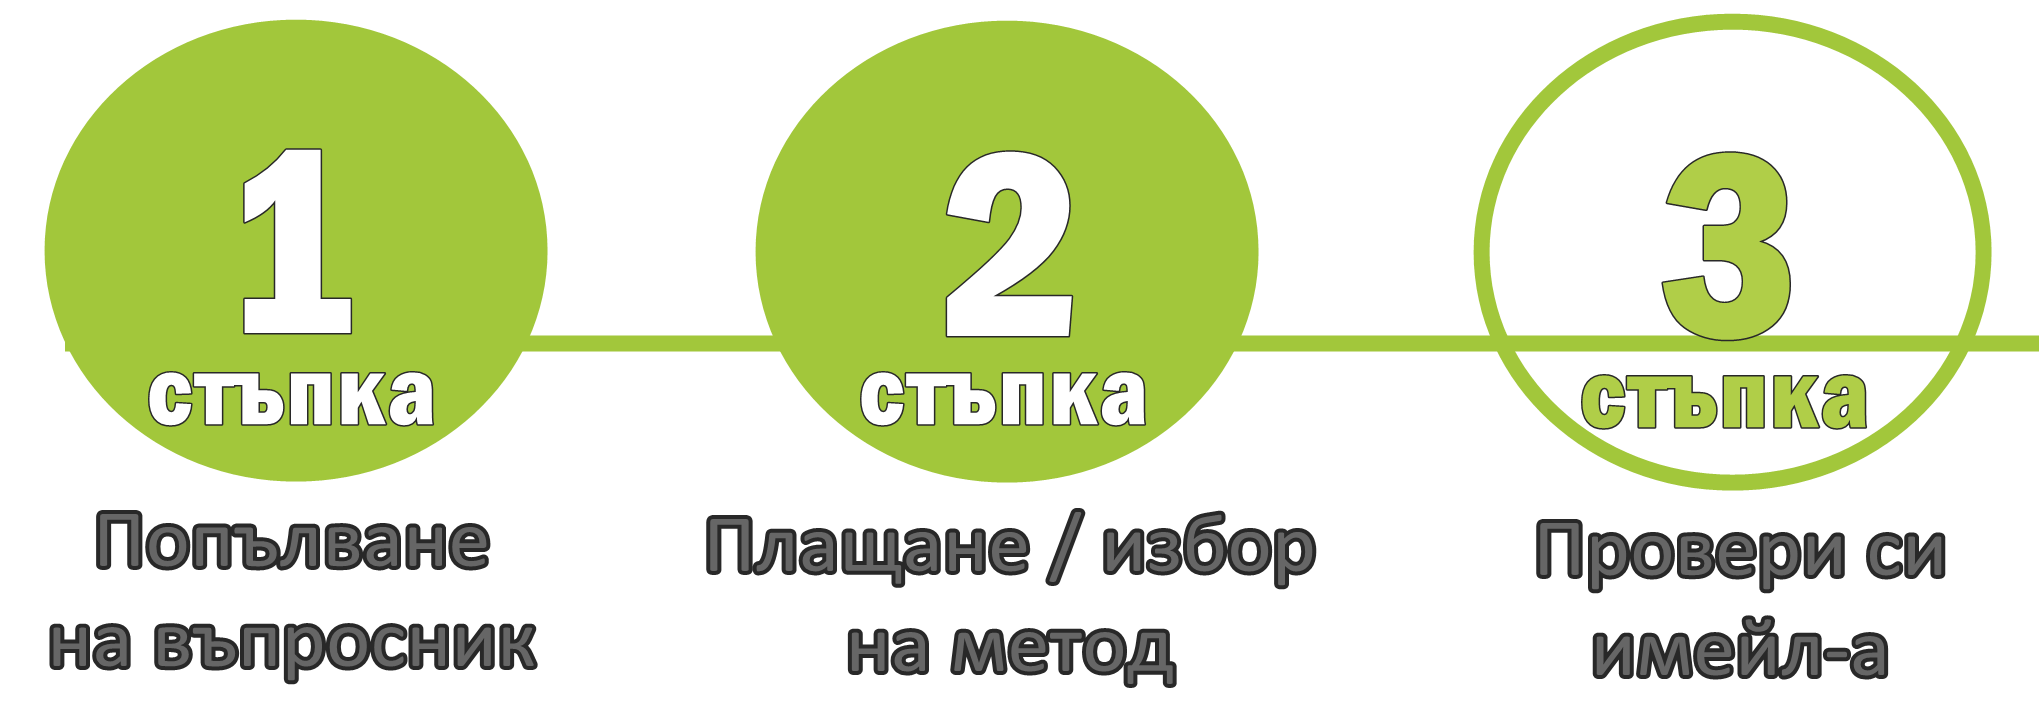 метод2